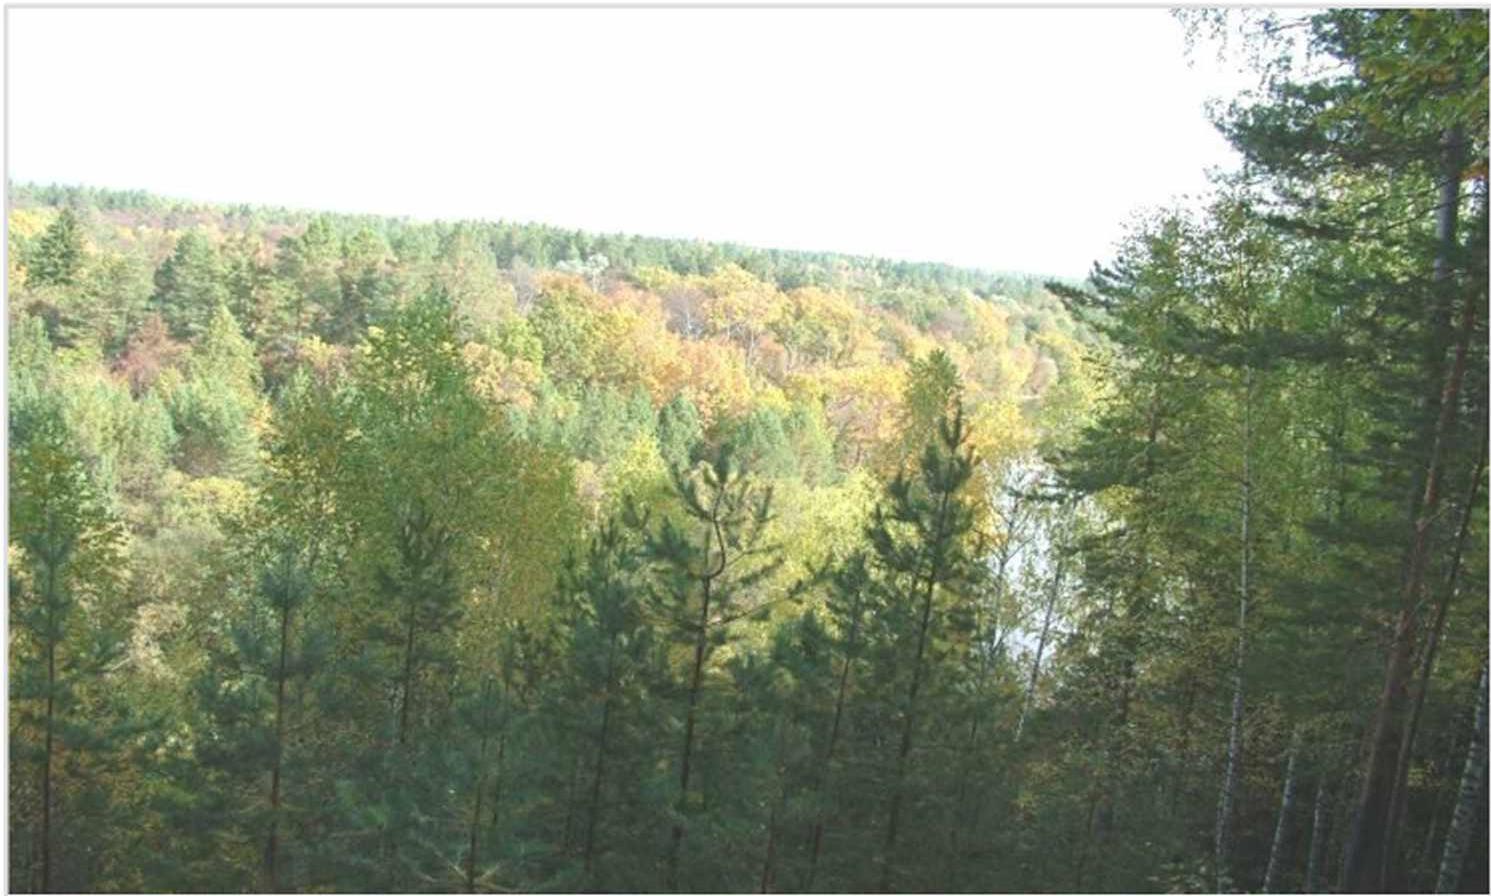 Лесные охотничьи угодья - смешанные хвойно-лиственные леса